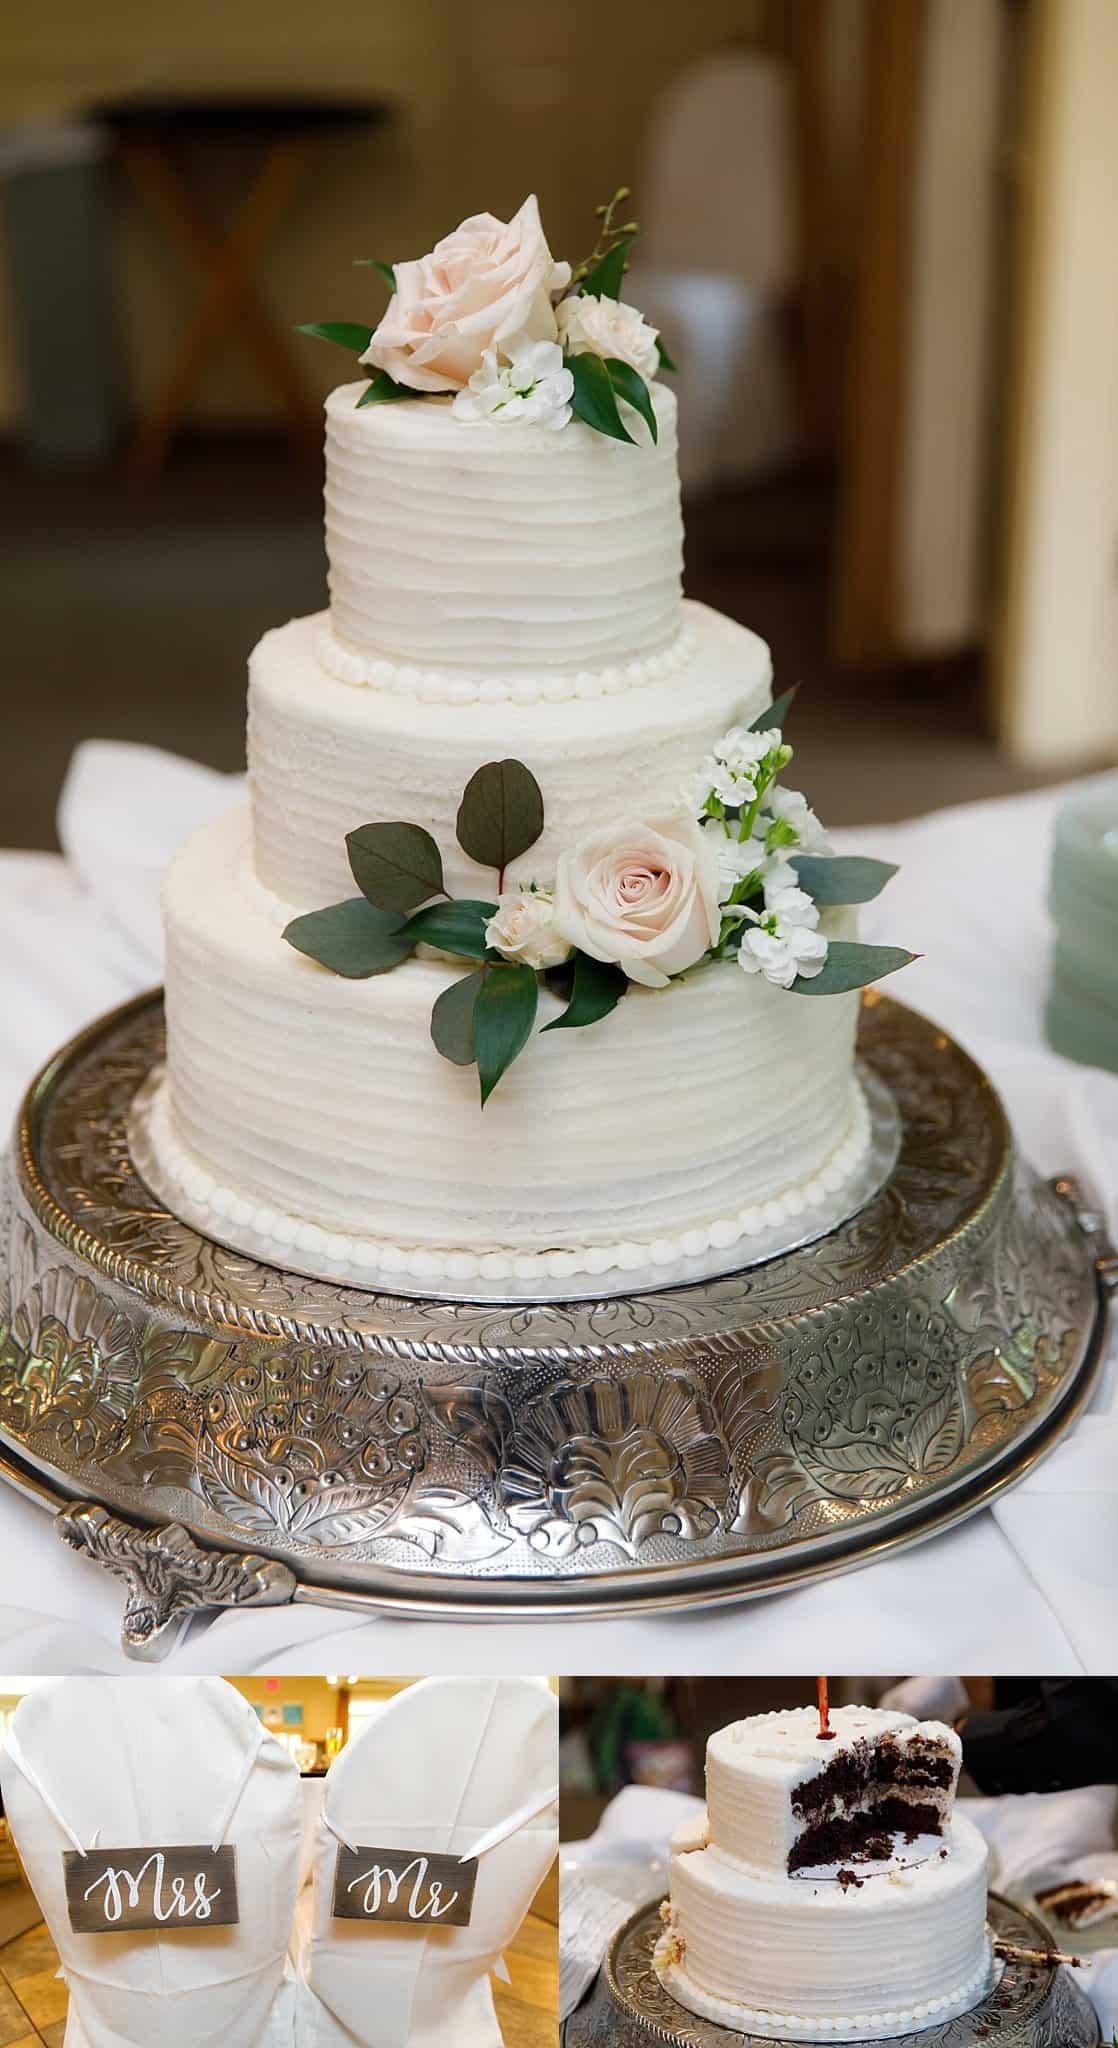 Three-tiered Ivory wedding cake